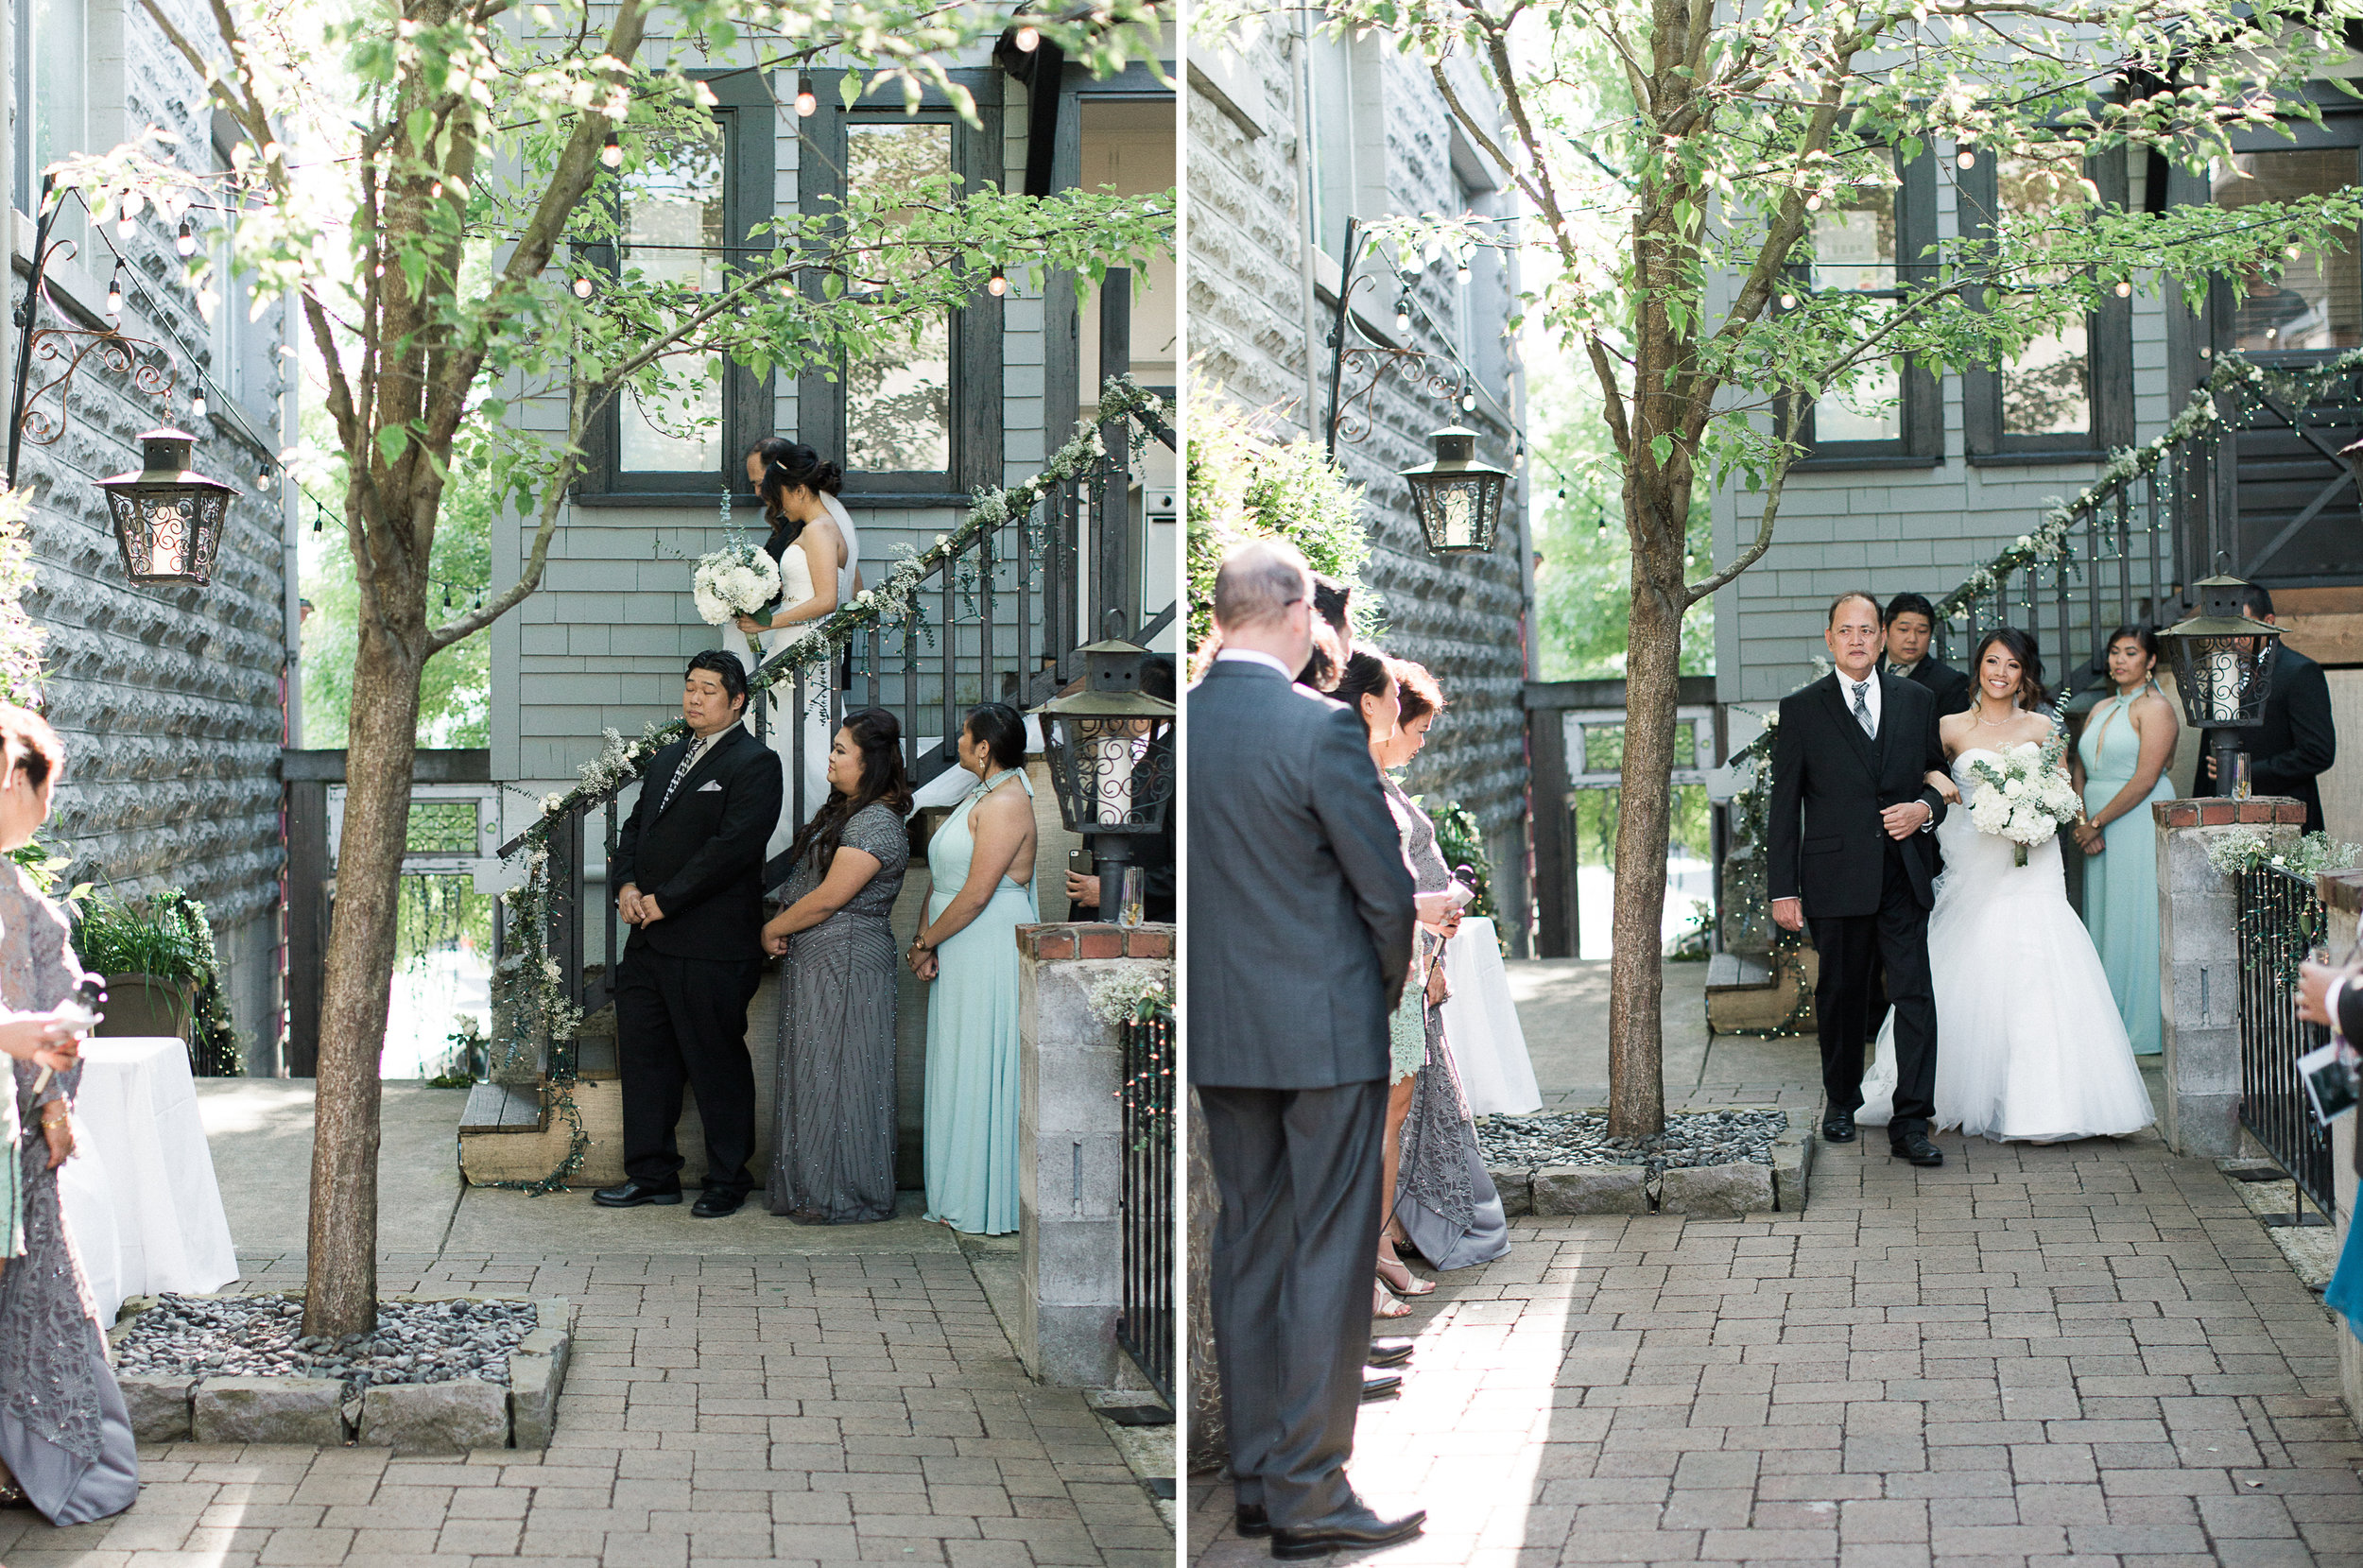 opal-28-urban-portland-greenery-wedding-14.jpg